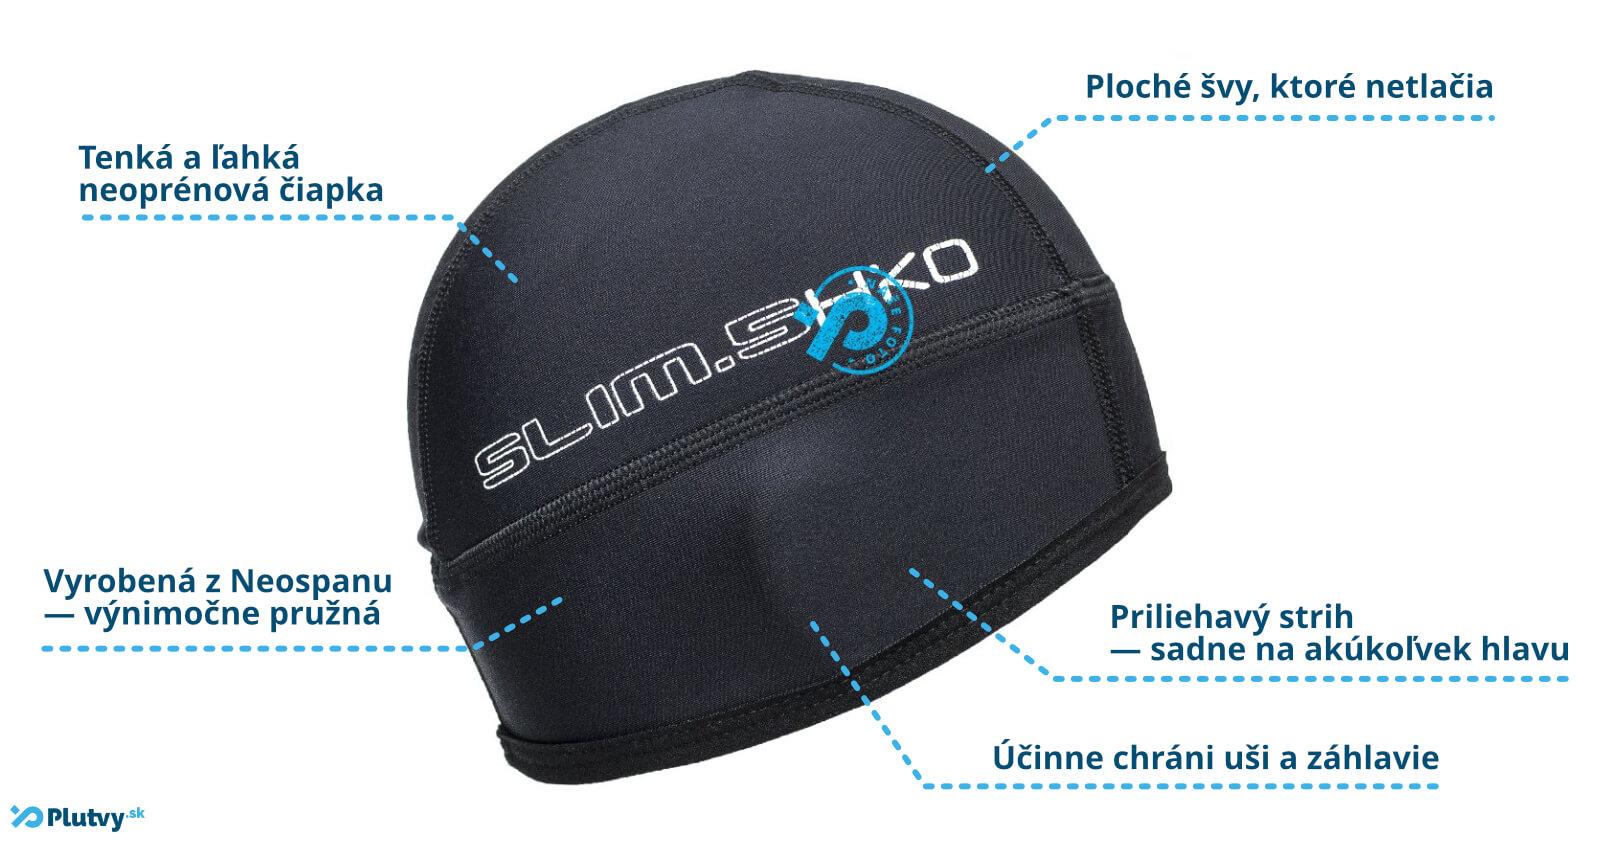 7ef7e655b972 Elastická čiapka vhondá na použitie pri vodných športoch